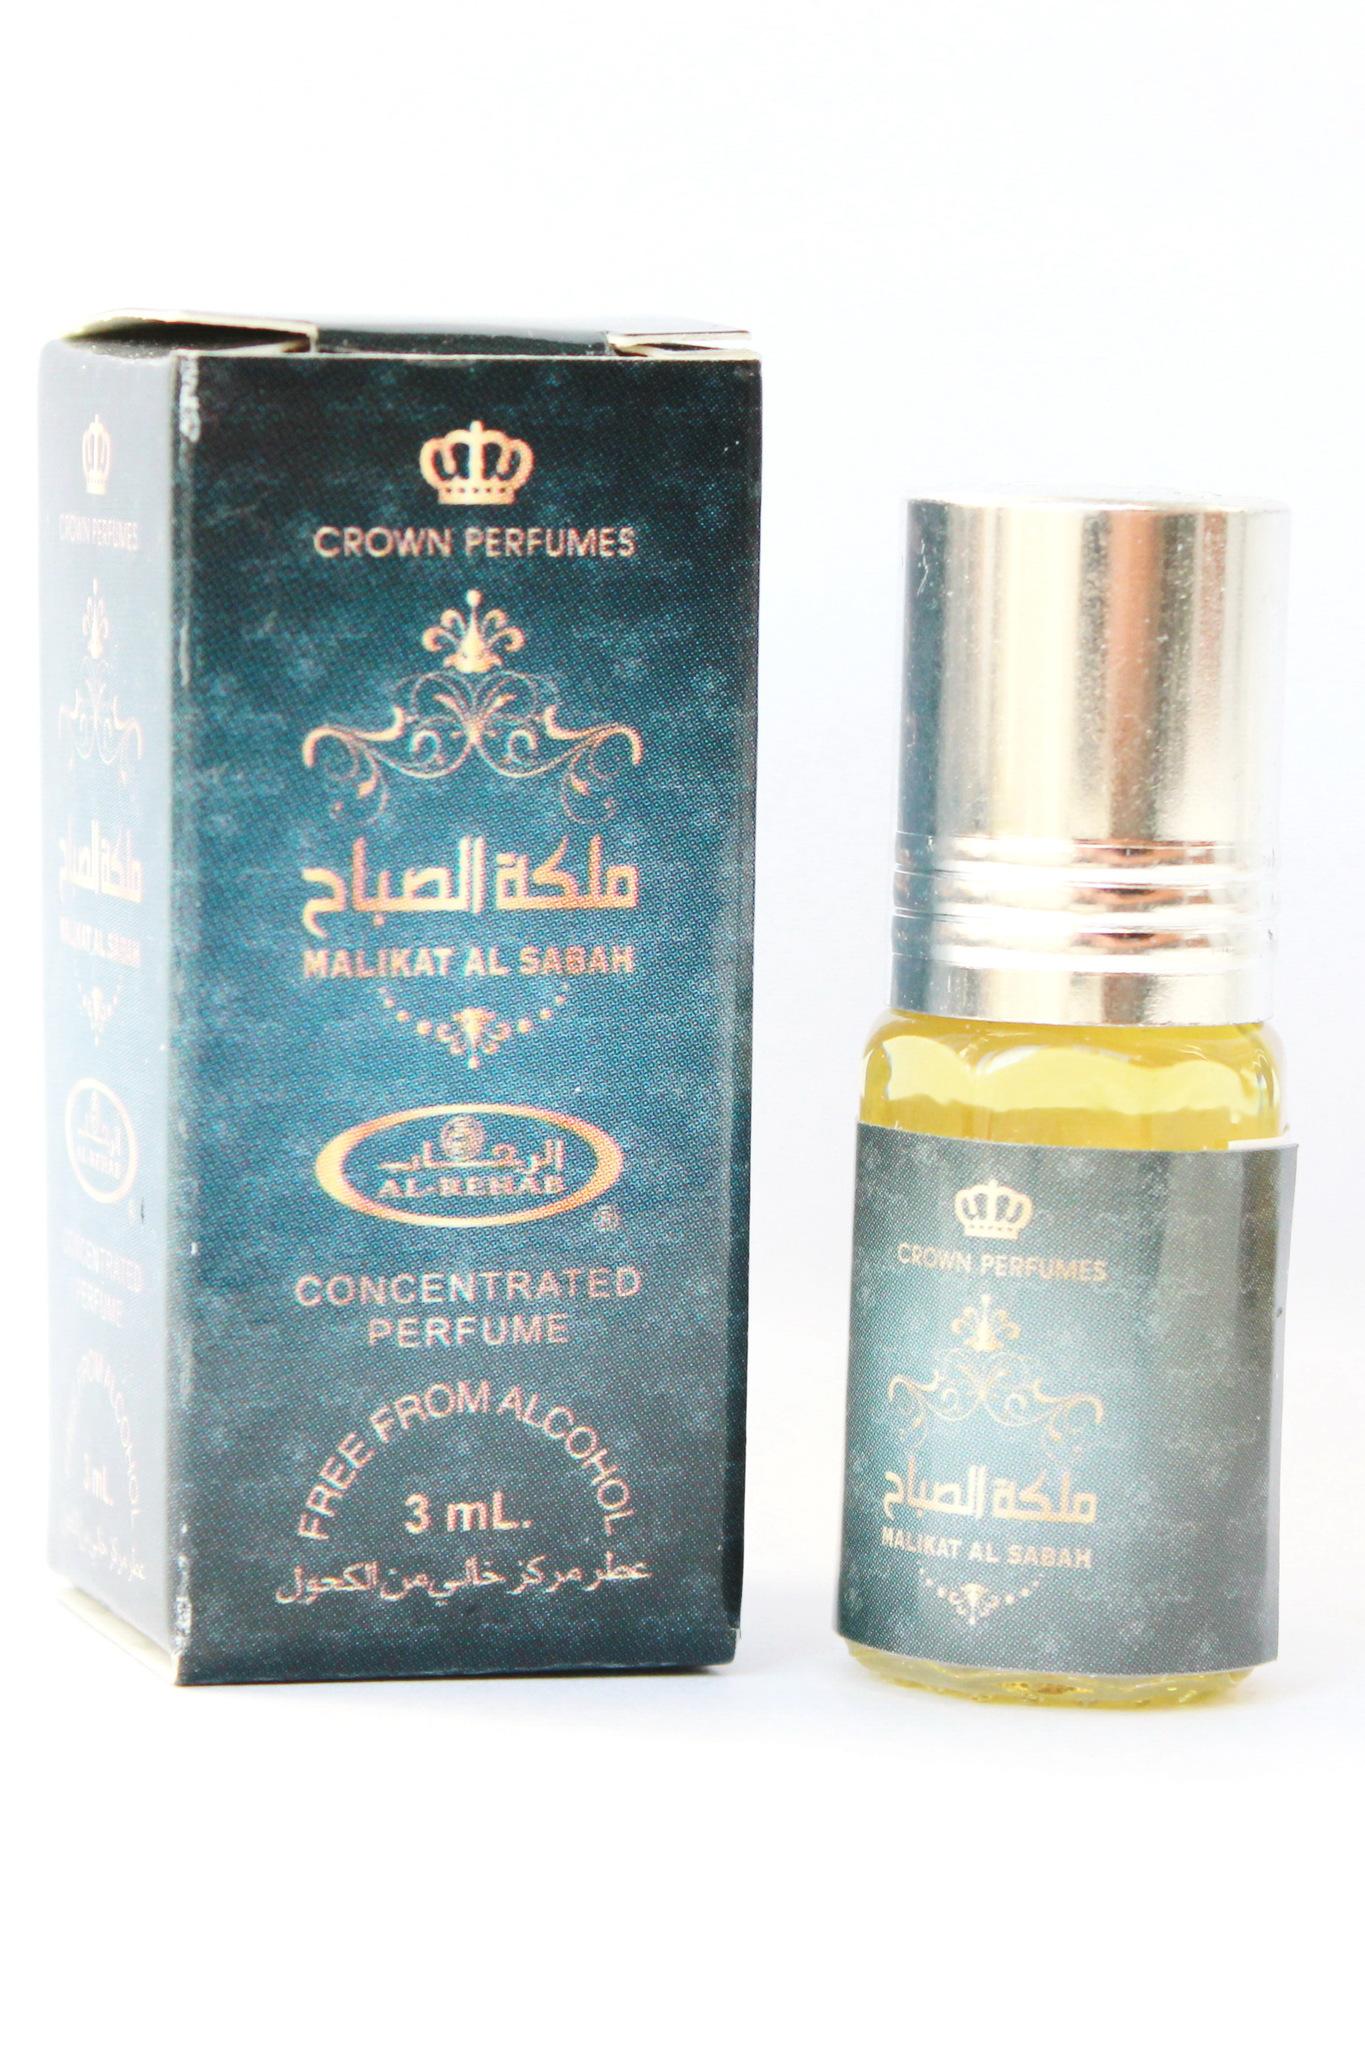 Malikat al Sabah Маликат аль Сабах 3 мл арабские масляные духи от Аль Рехаб Al Rehab